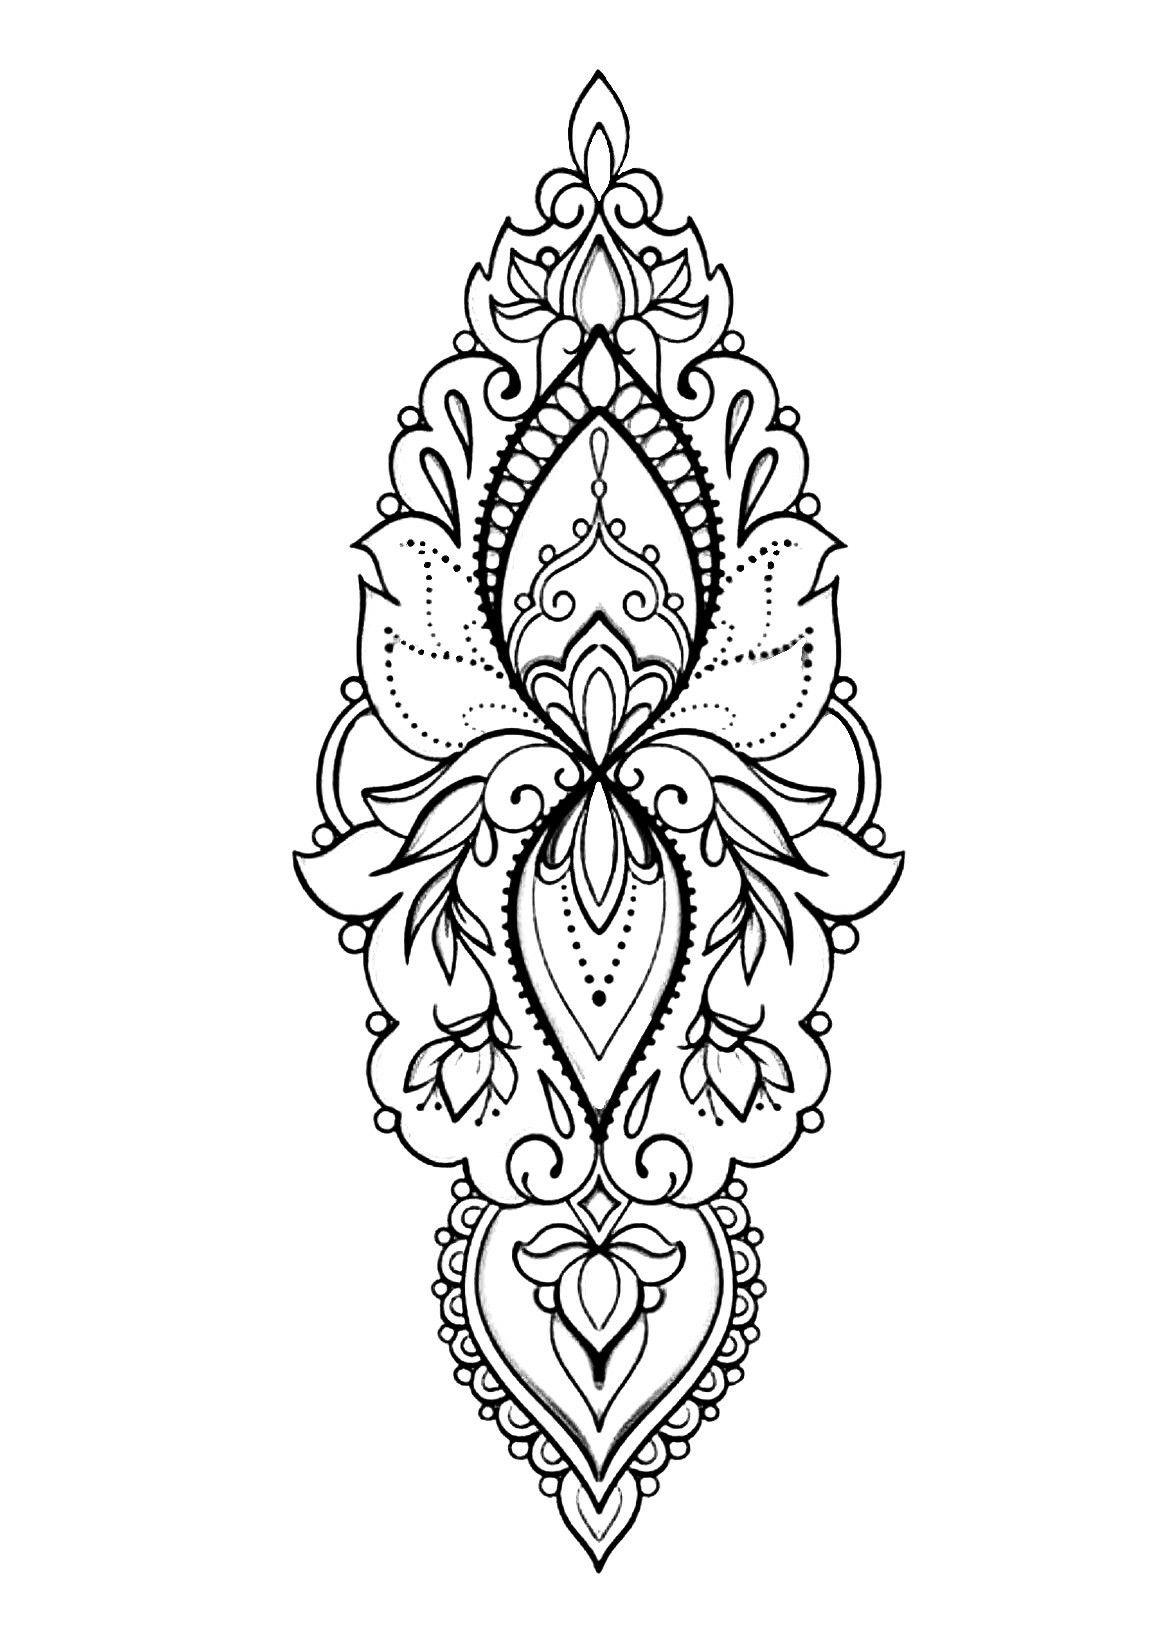 Wrist Cuff Lace Mandala Mehndi: Lace Tattoo Design, Henna